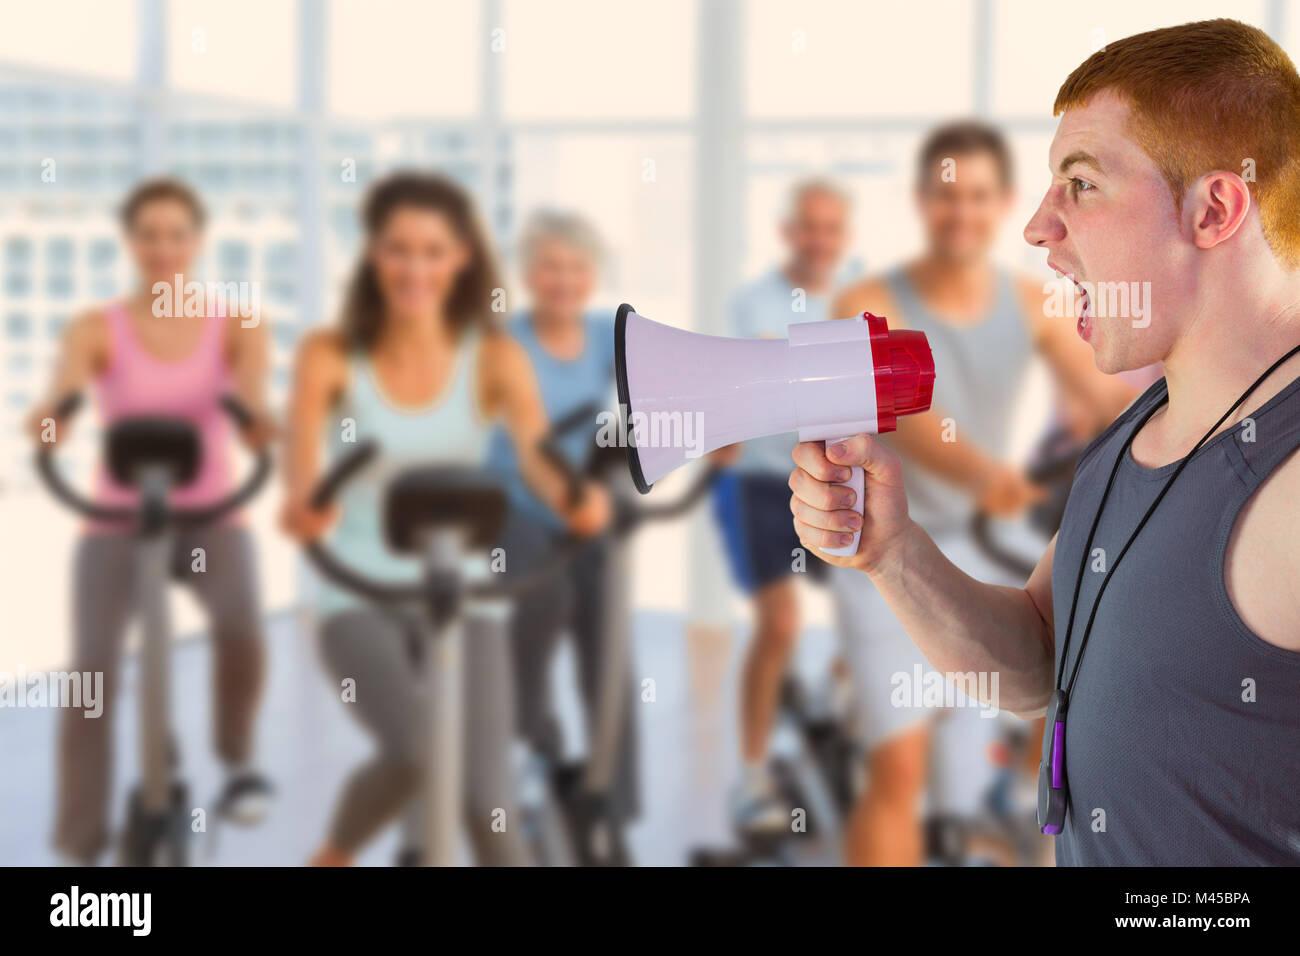 Imagen compuesta de enojado entrenador personal gritando a través del megáfono Imagen De Stock